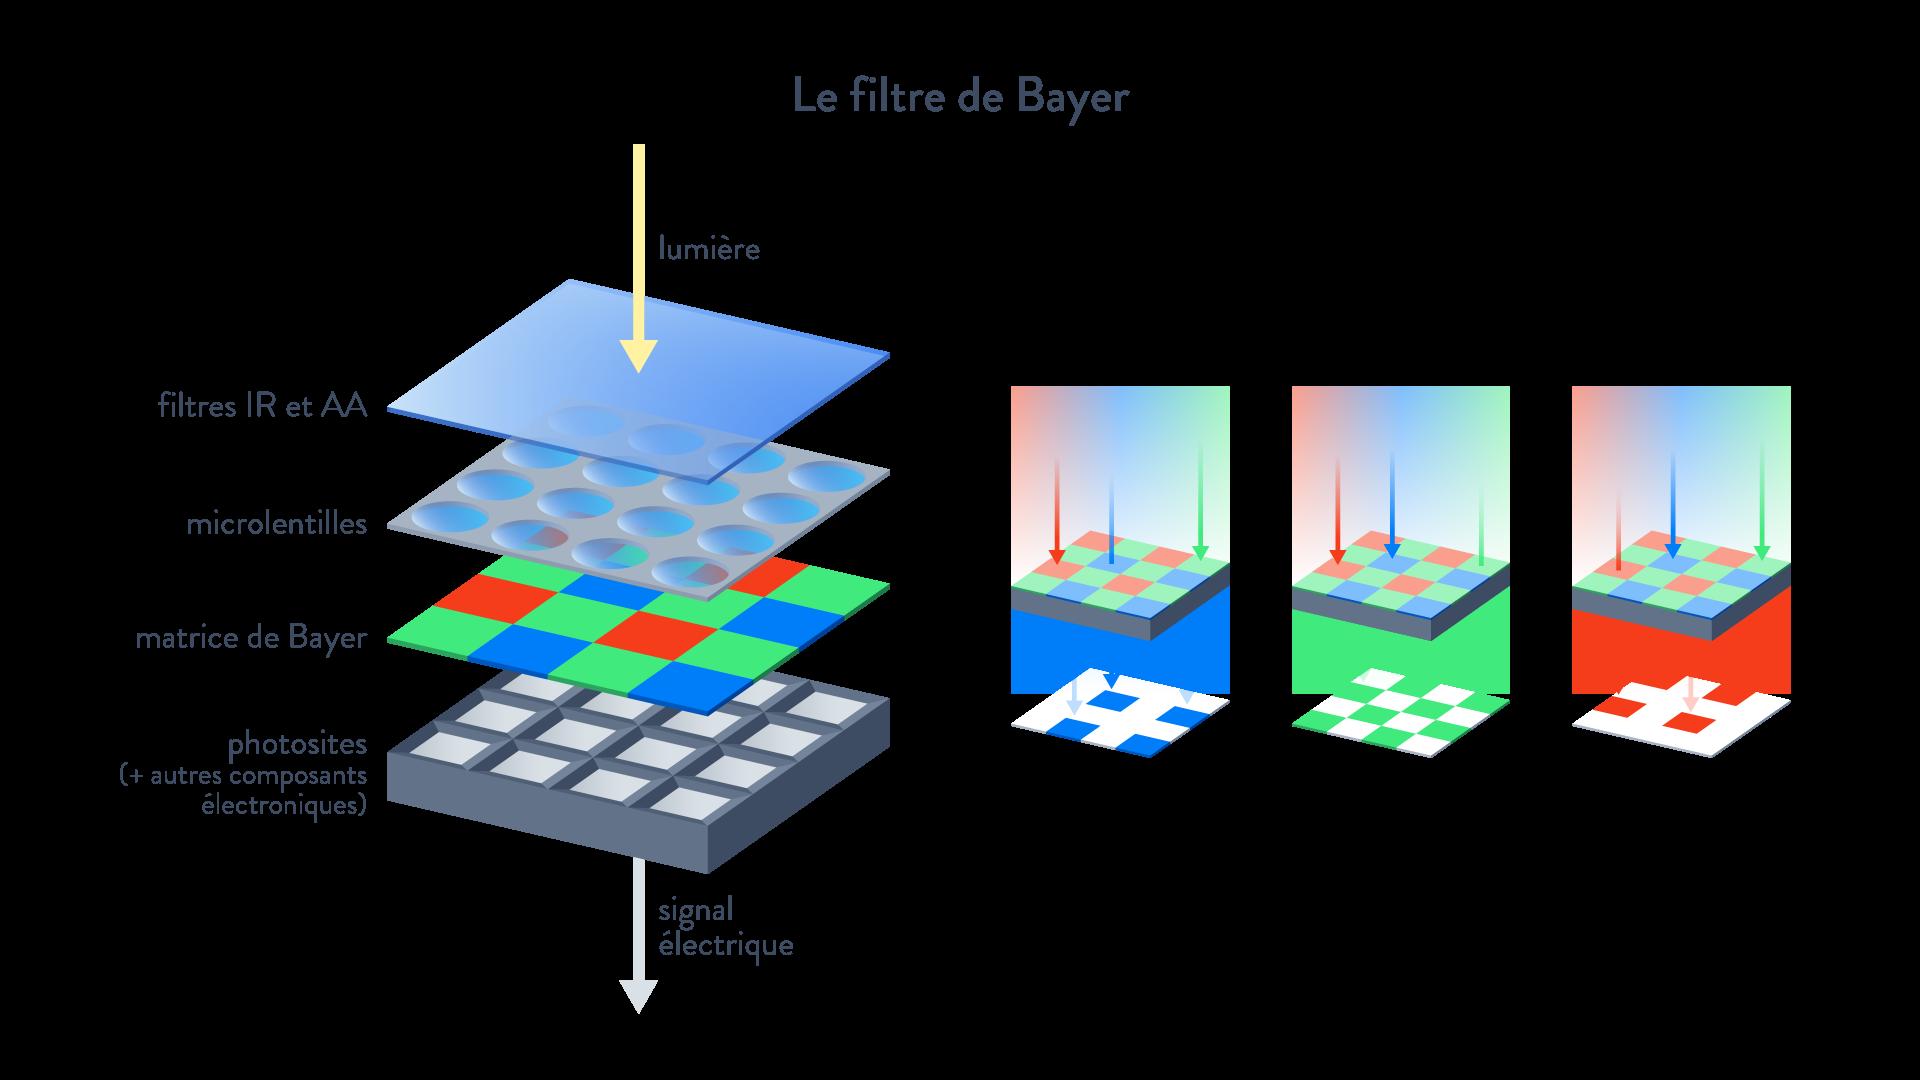 Le filtre de Bayer filtres IR et AA microlentilles matrice de Bayer photosites signal électrique Sciences numériques et technologie Seconde Comment est captée une image ?